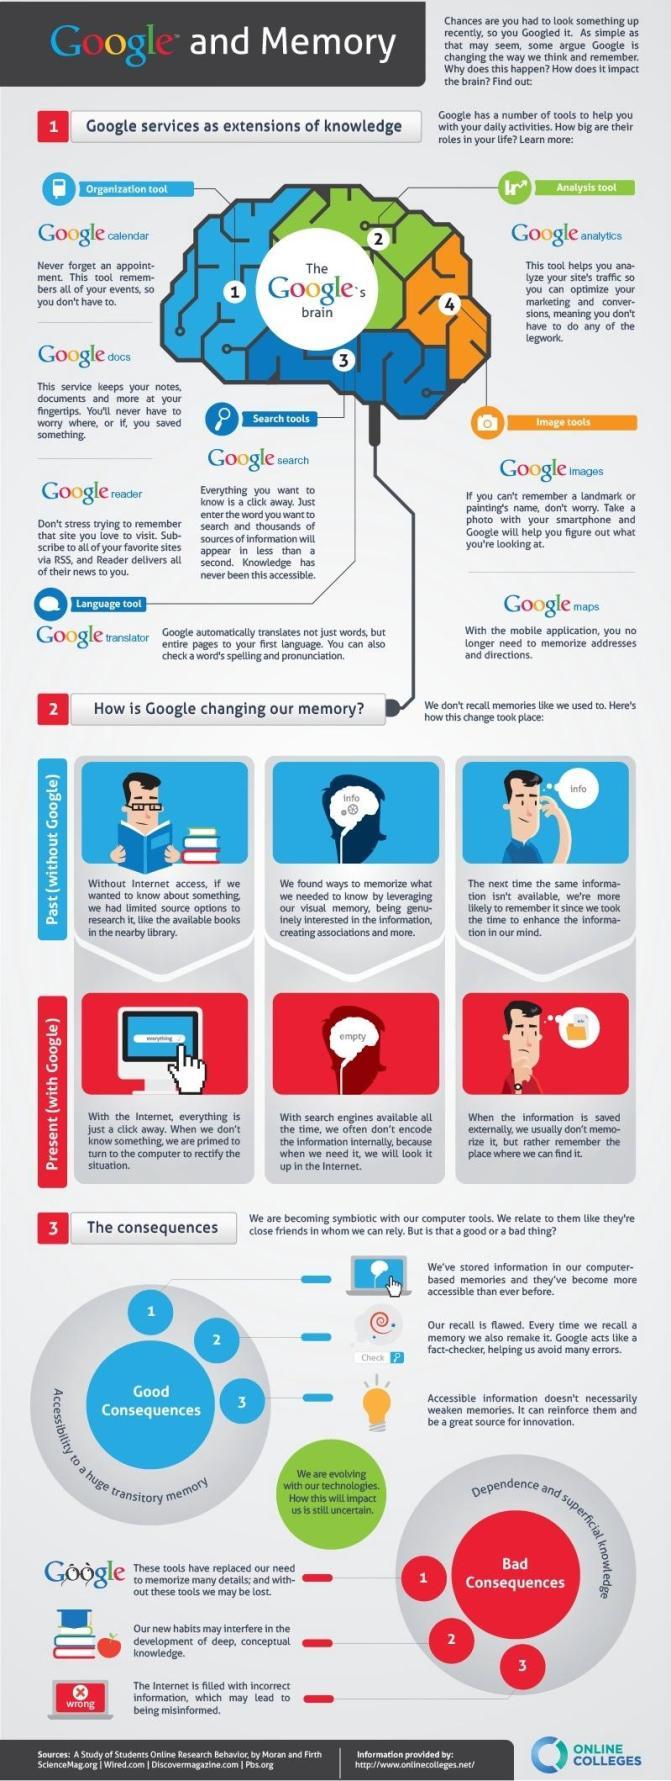 Maakt Google ons dommer?